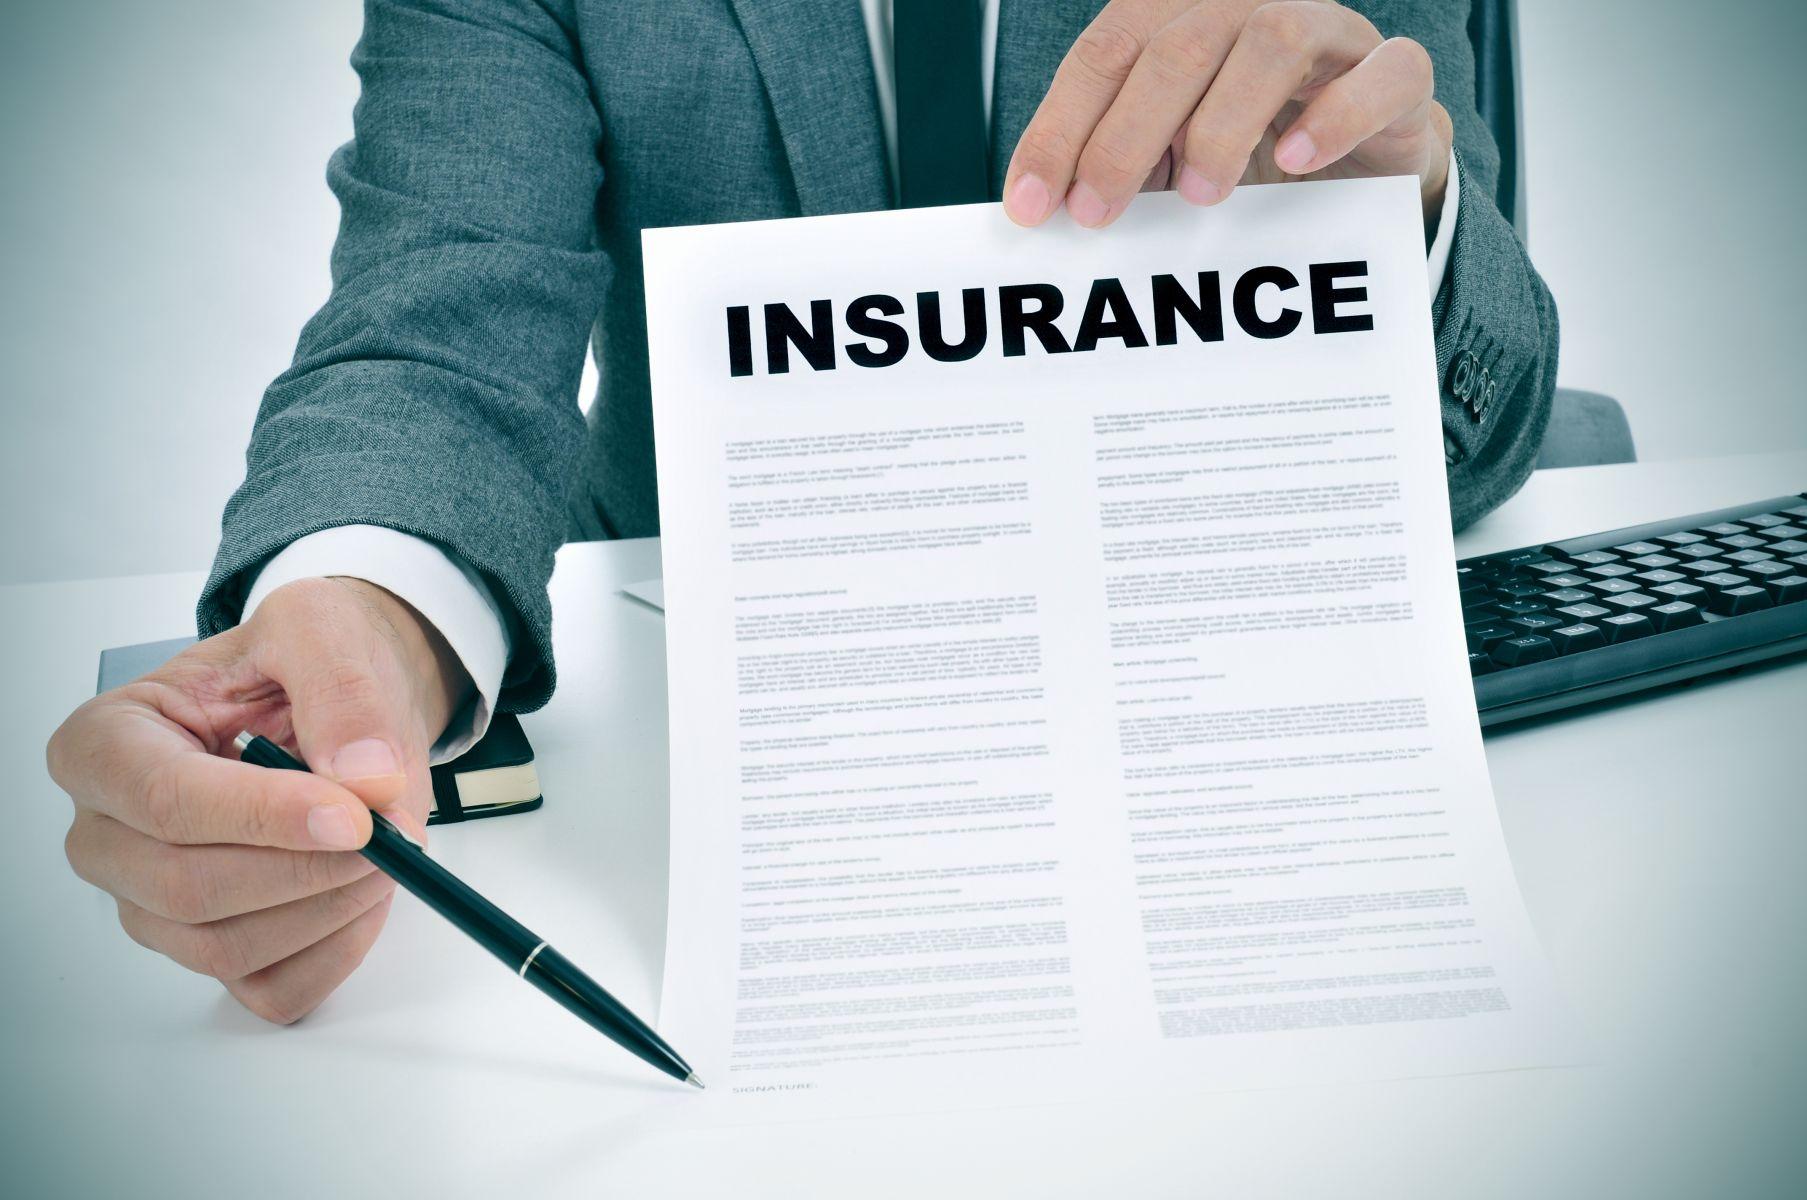 台灣人超愛買保險 卻被說「保障不夠」 花錢保心酸的